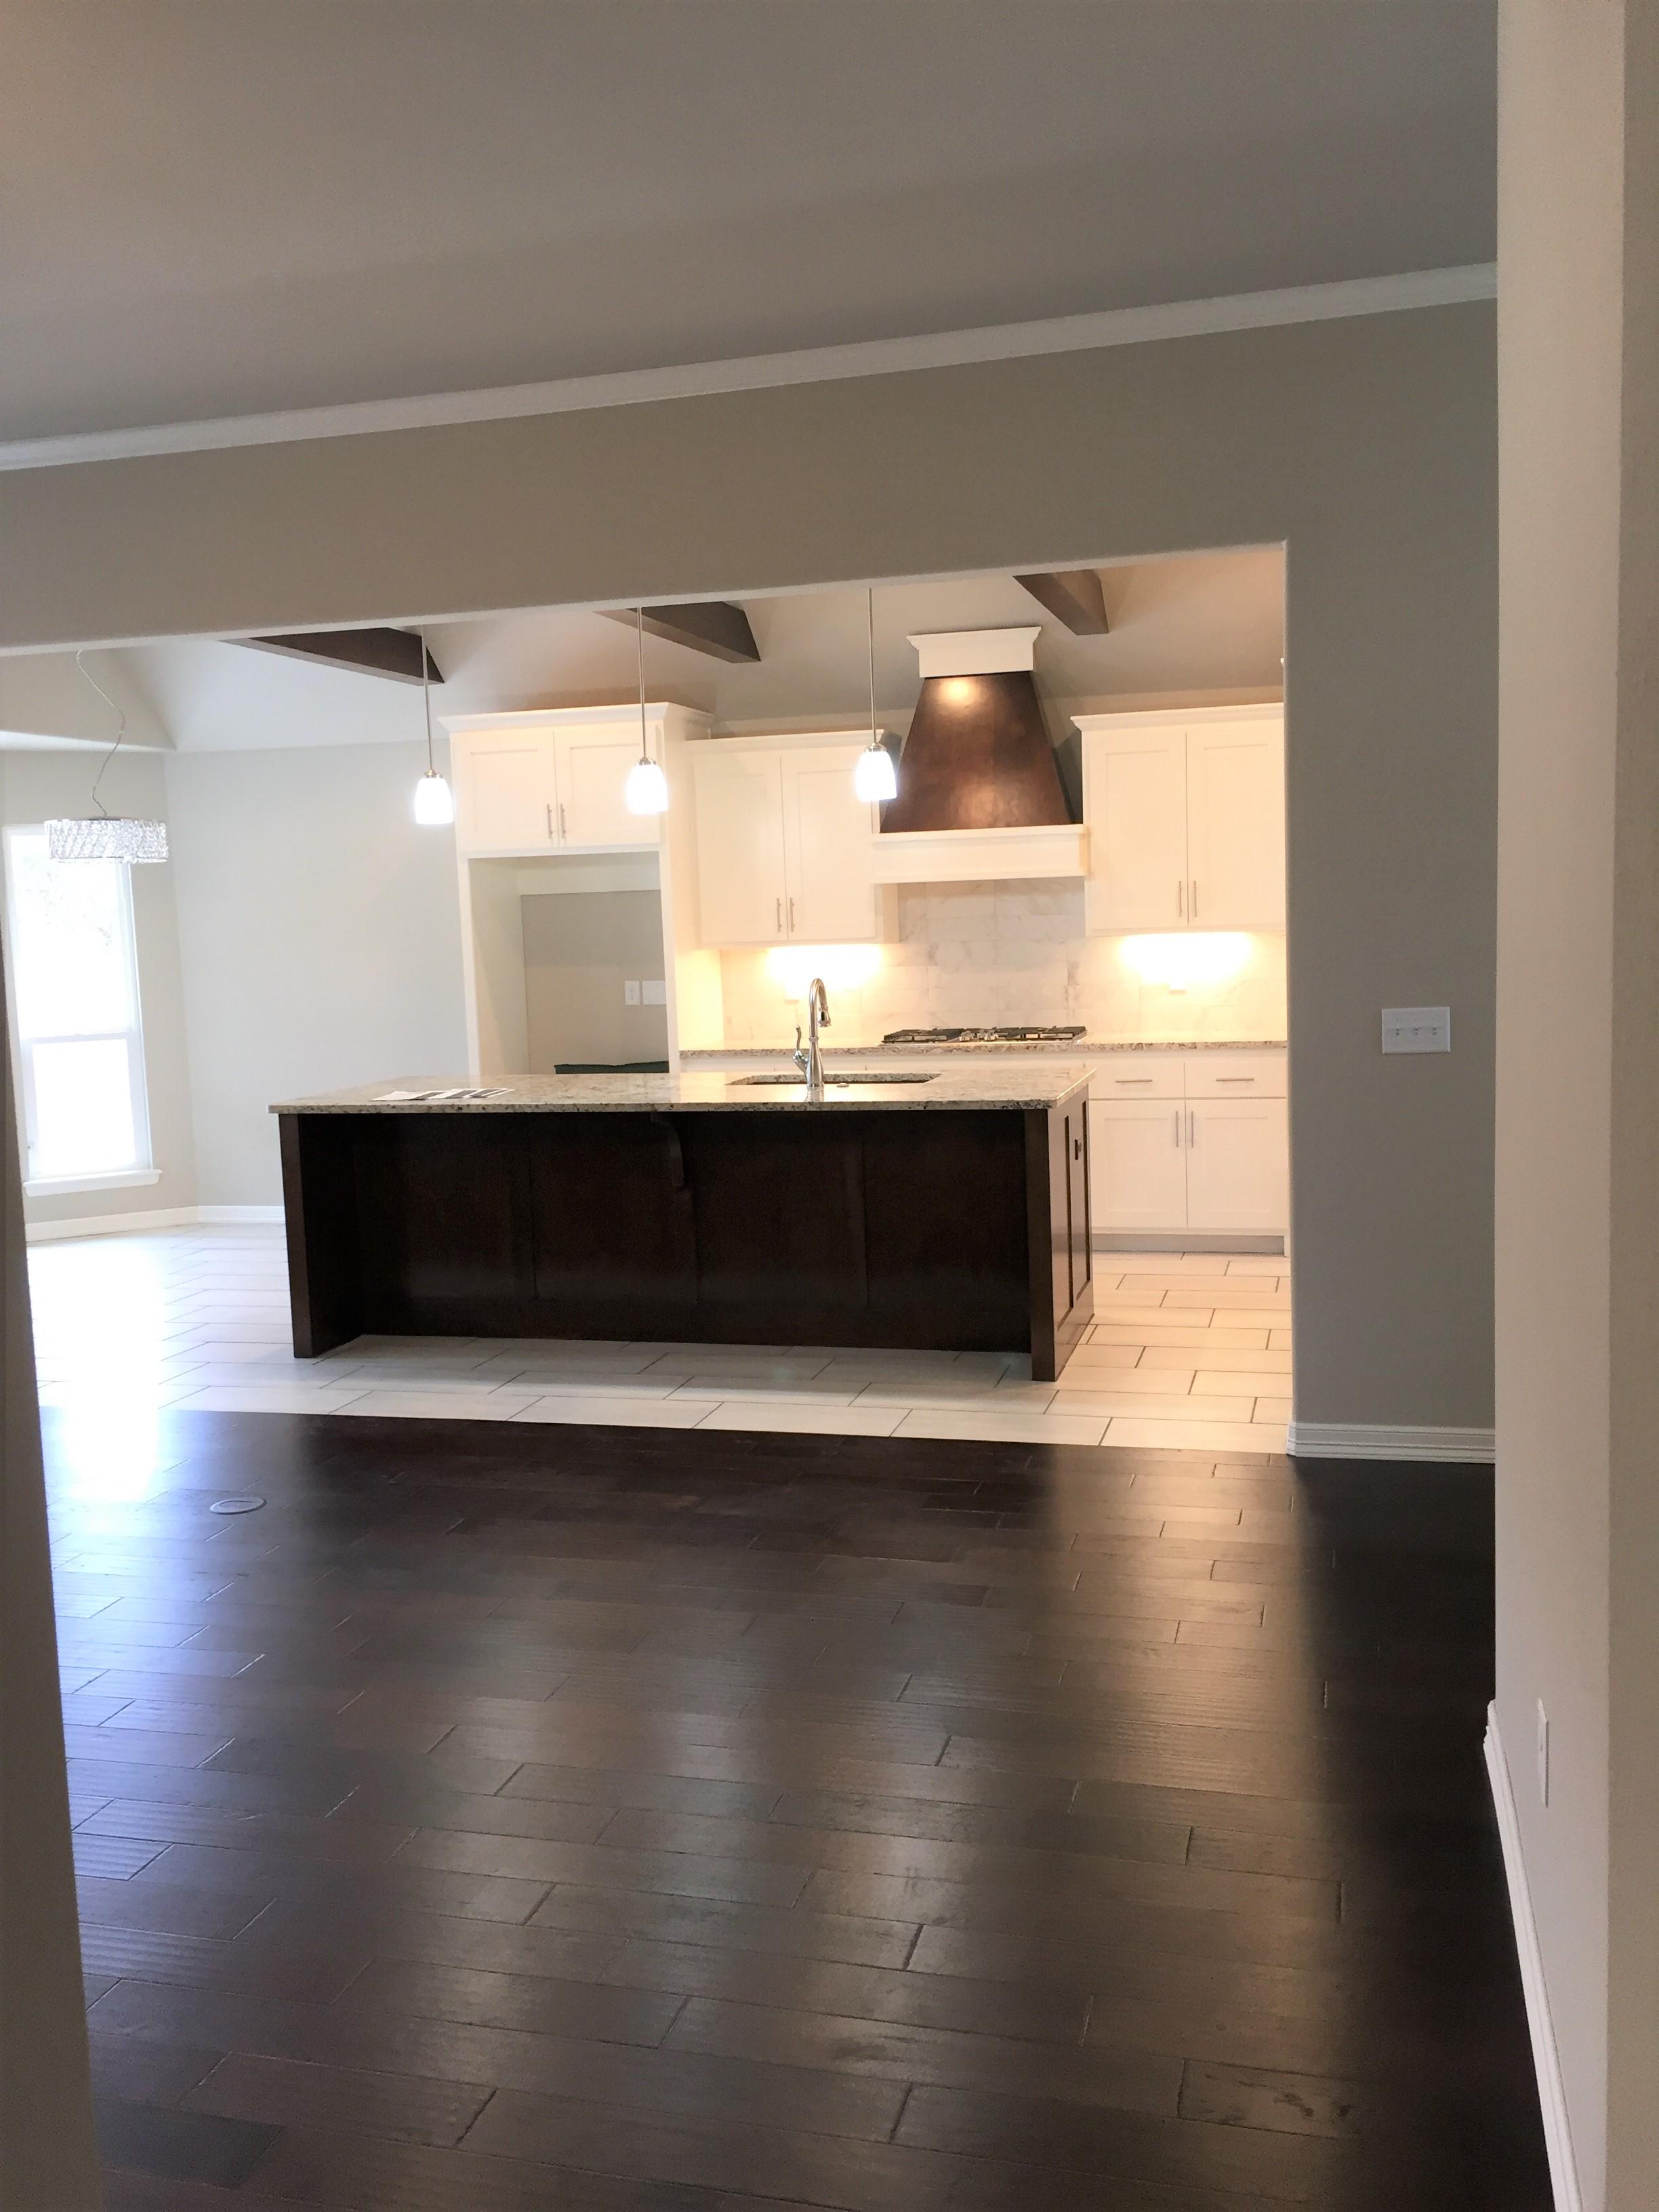 2917 kitchen 4.jpg